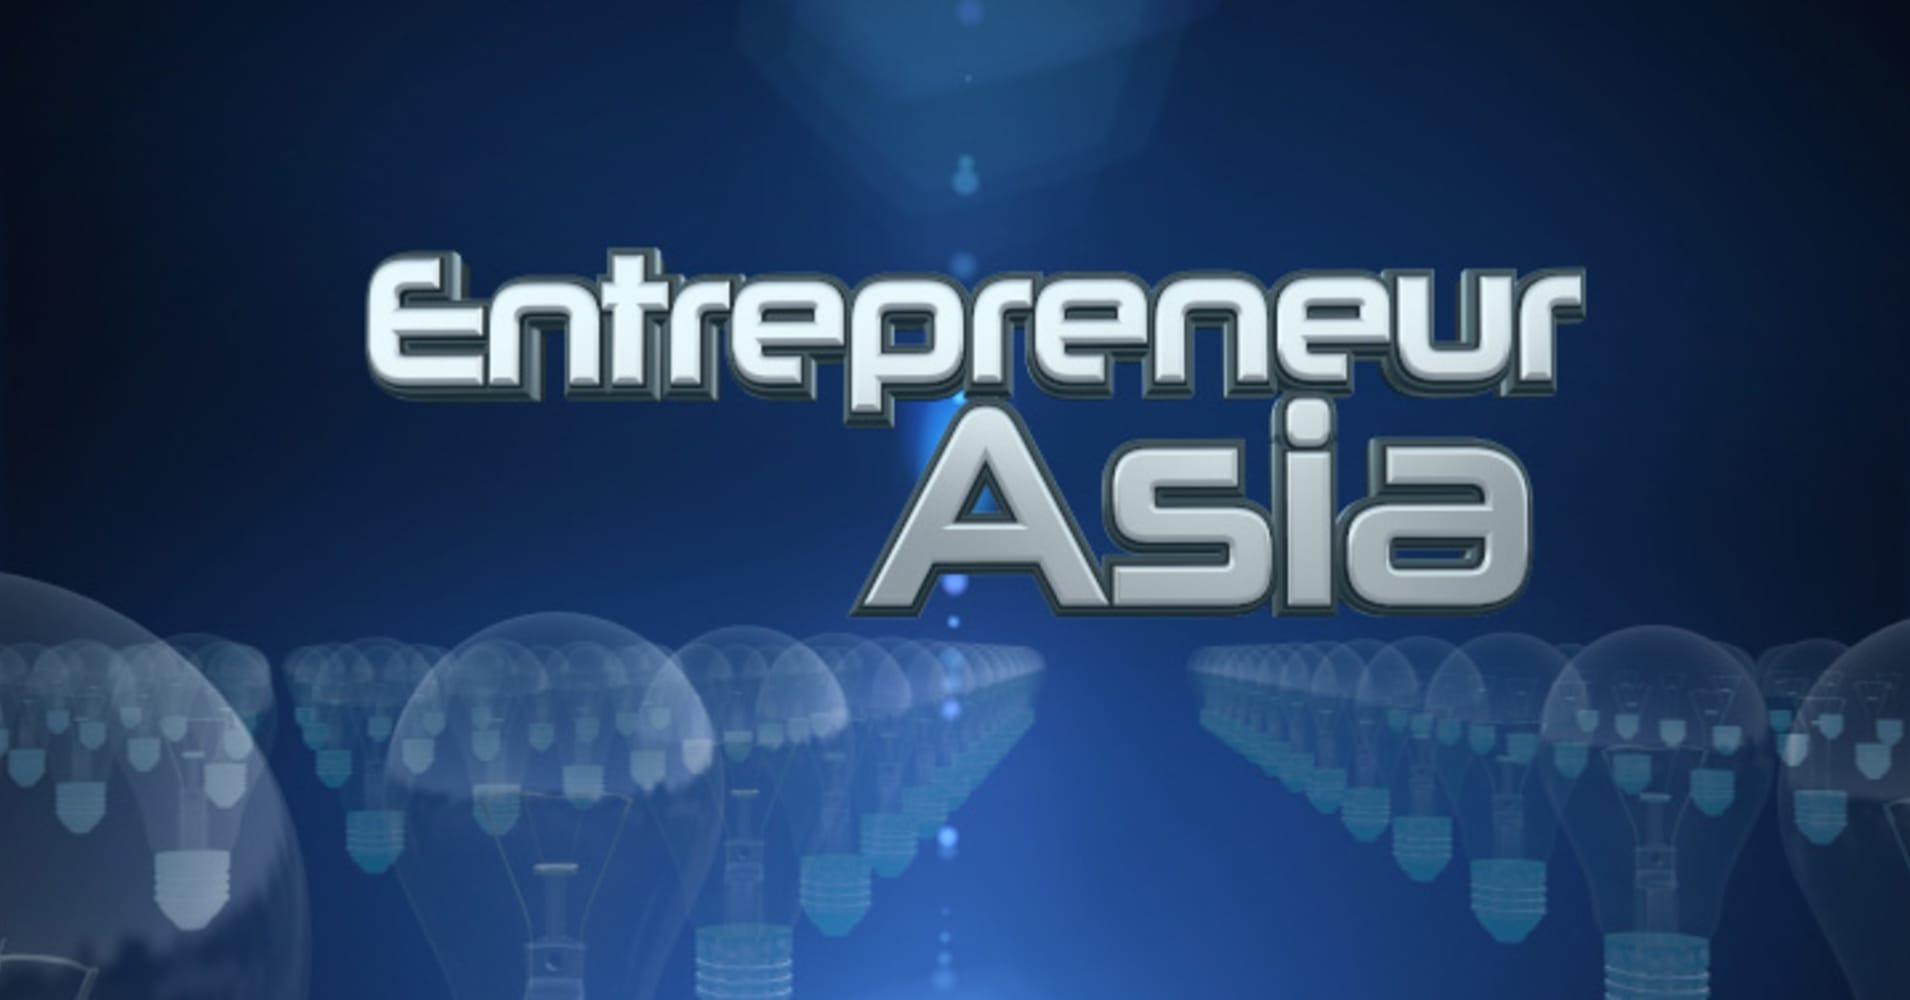 Entrepreneur Asia